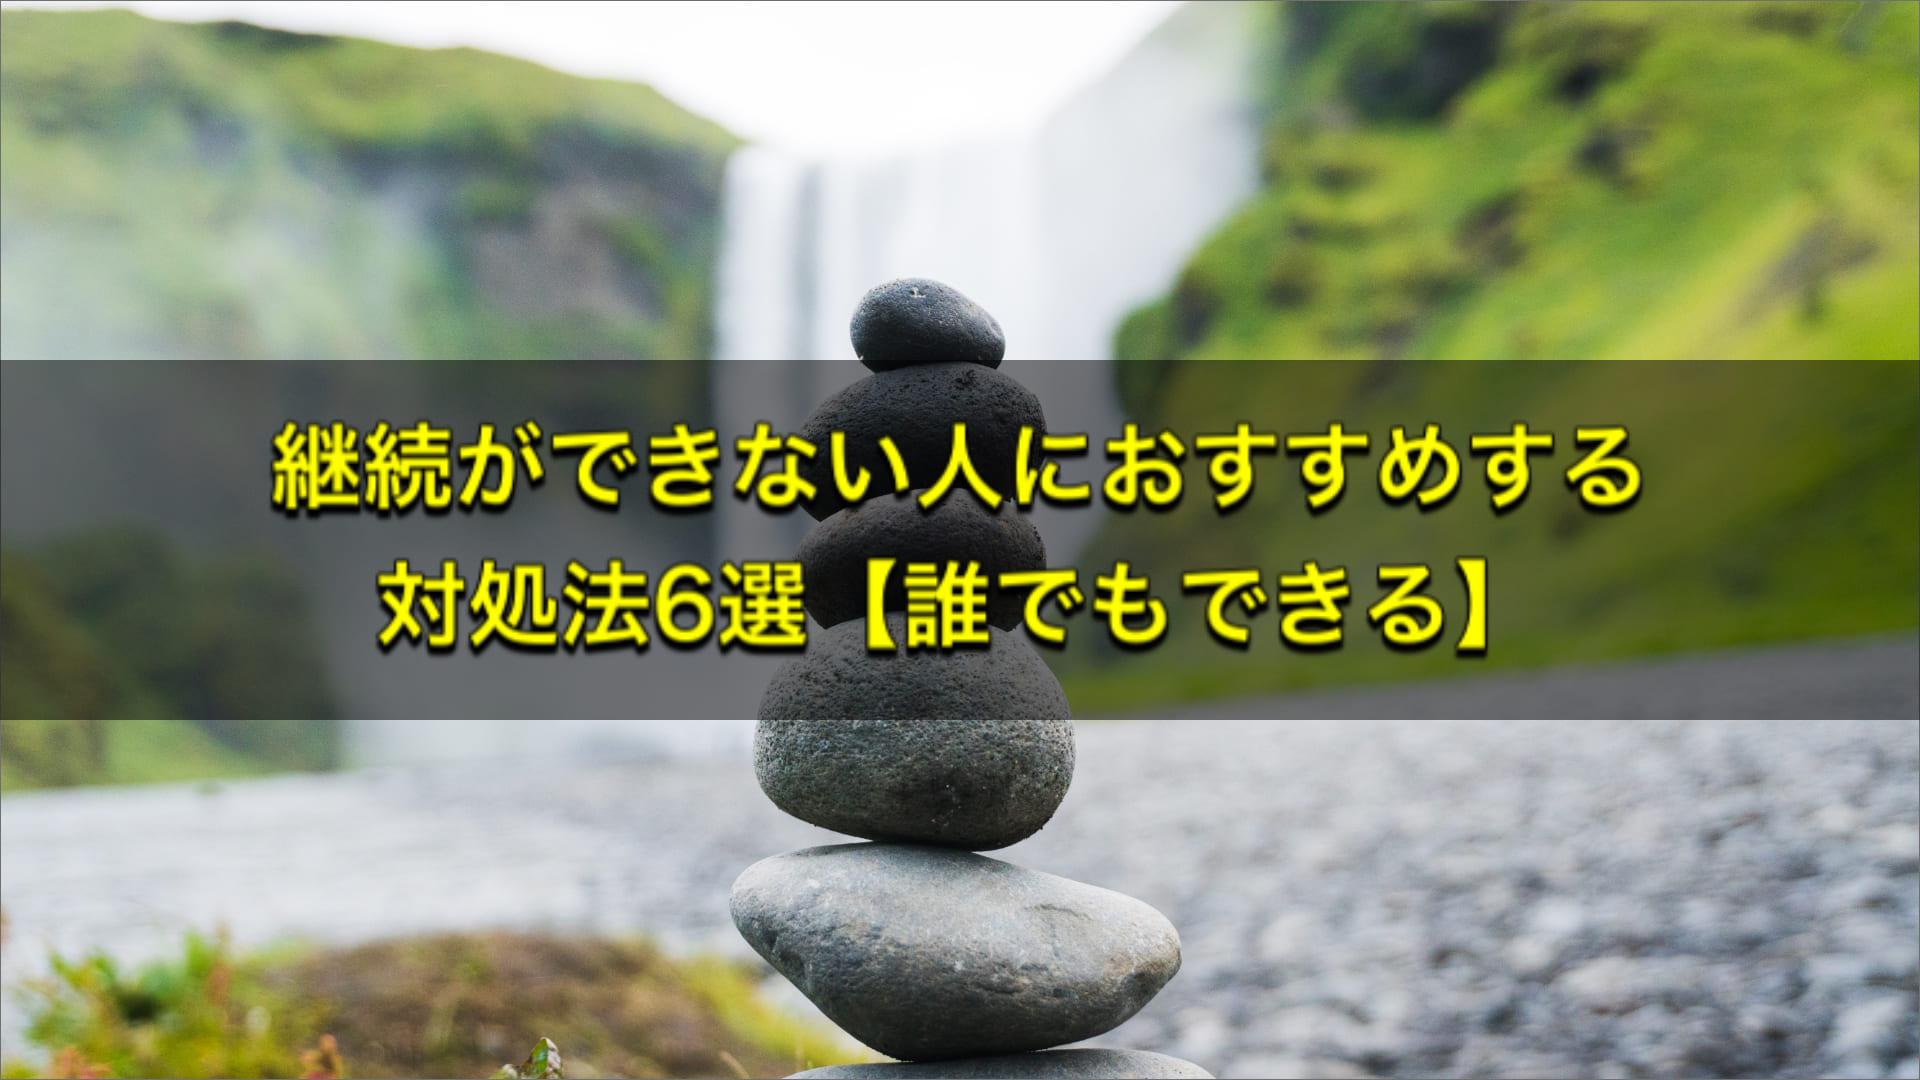 継続ができない人におすすめする対処法6選【誰でもできる】